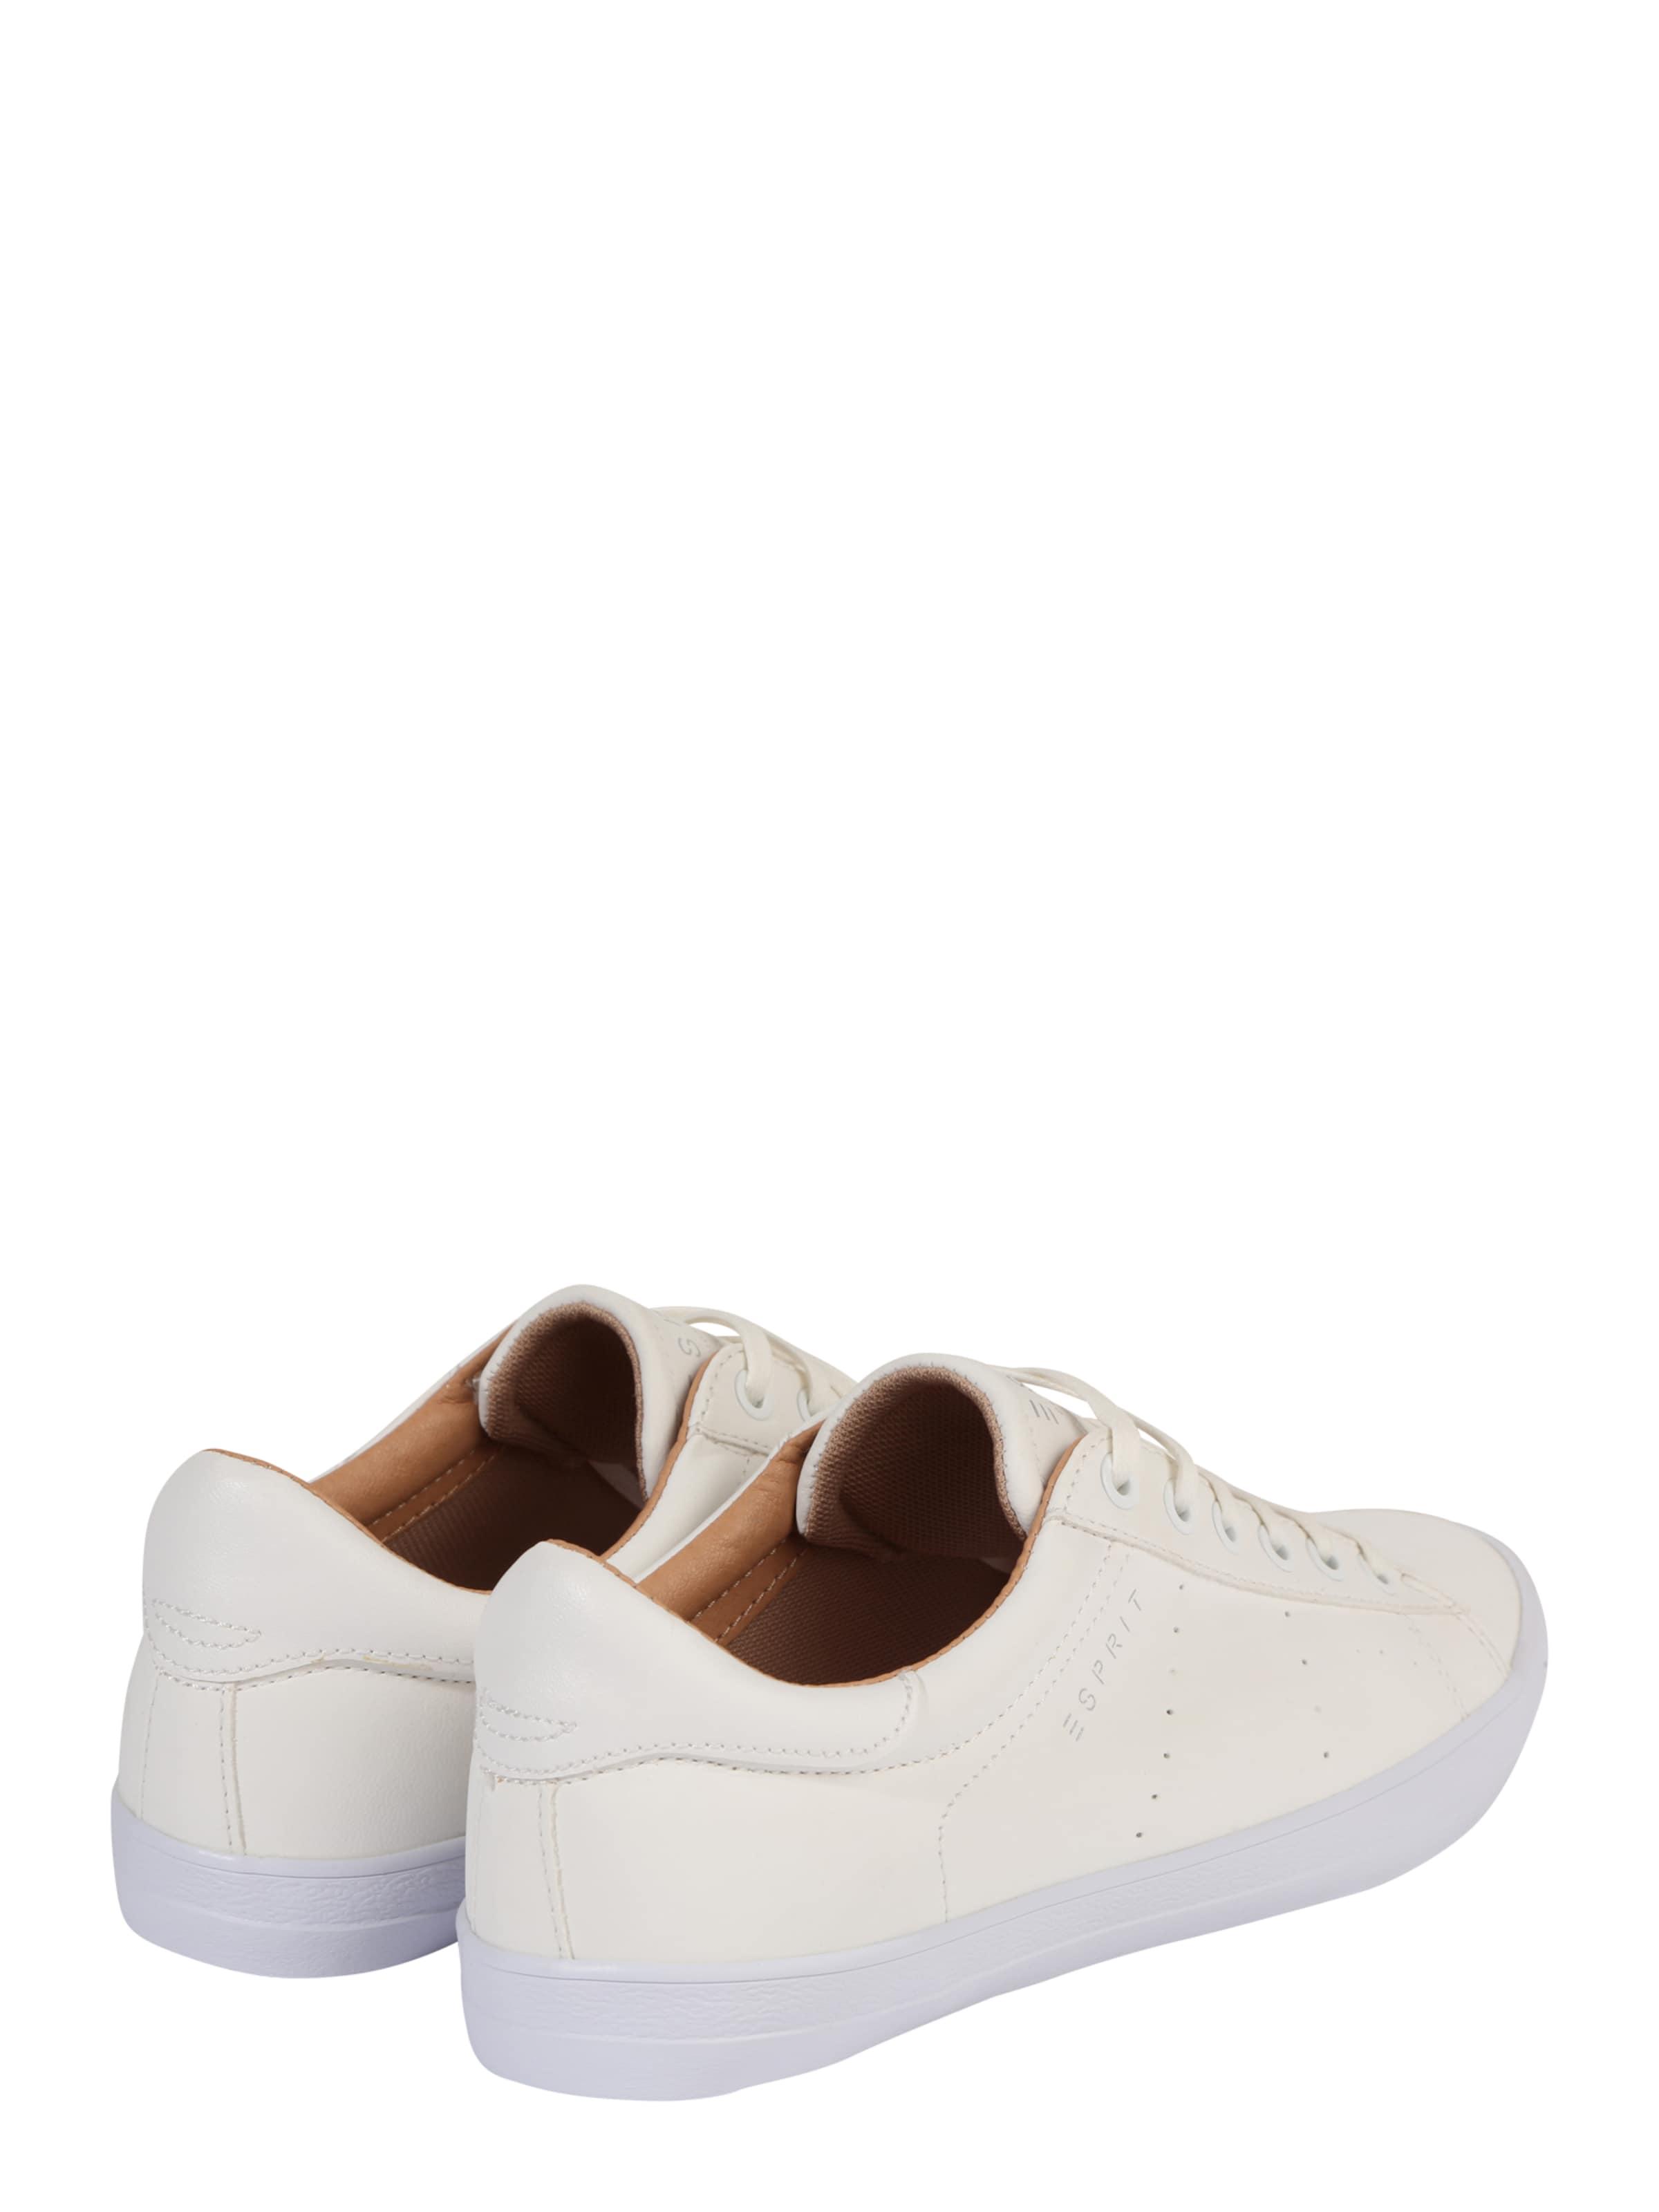 ESPRIT Sneaker 'Miana Lace up' Mit Paypal Günstigem Preis Beste Die Kostenlose Versand Hochwertiger Rabatt Offiziell DAle8